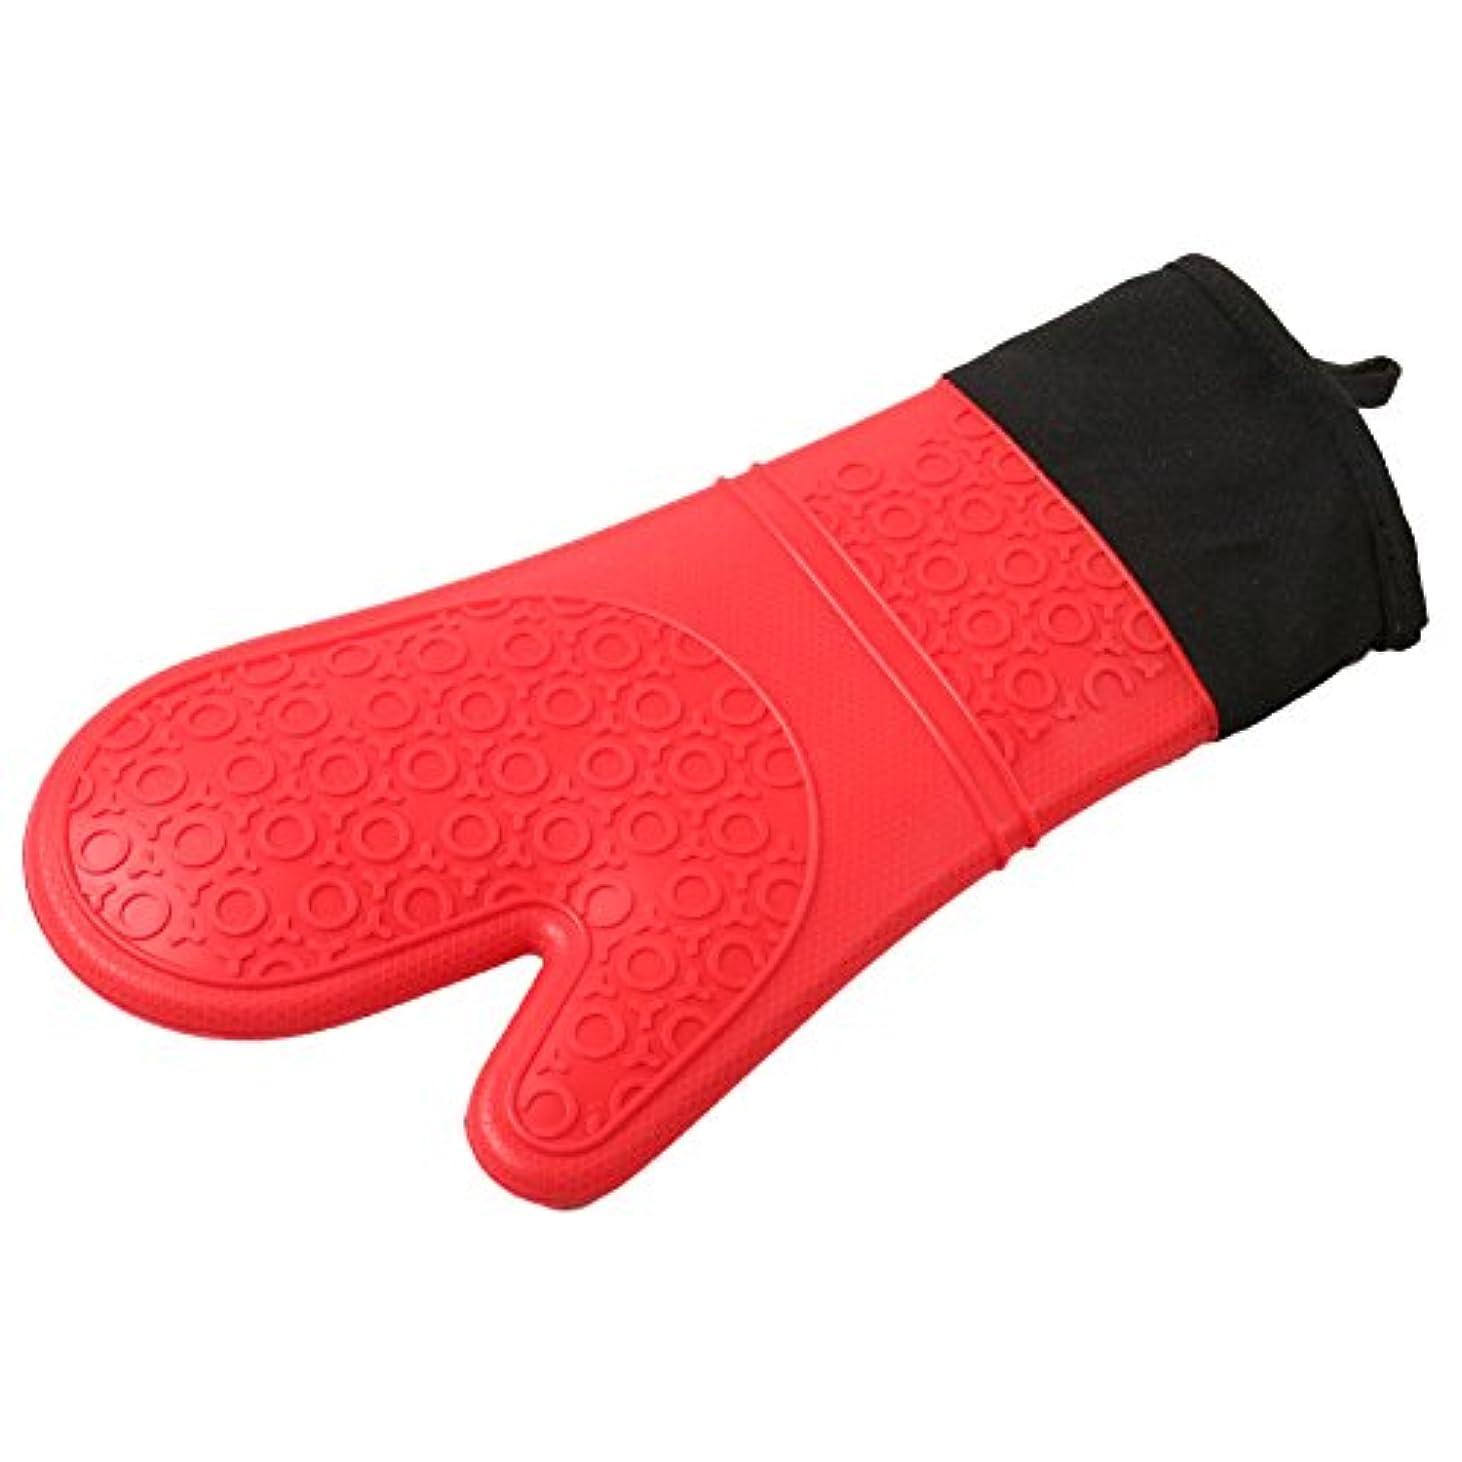 叫ぶ男やもめ絵OUYOU 耐熱グローブ シリコンチェック 耐熱温度300℃ キッチングローブ オーブンミトン シリコン手袋 滑り止め クッキング用 フリーサイズ 2個セット